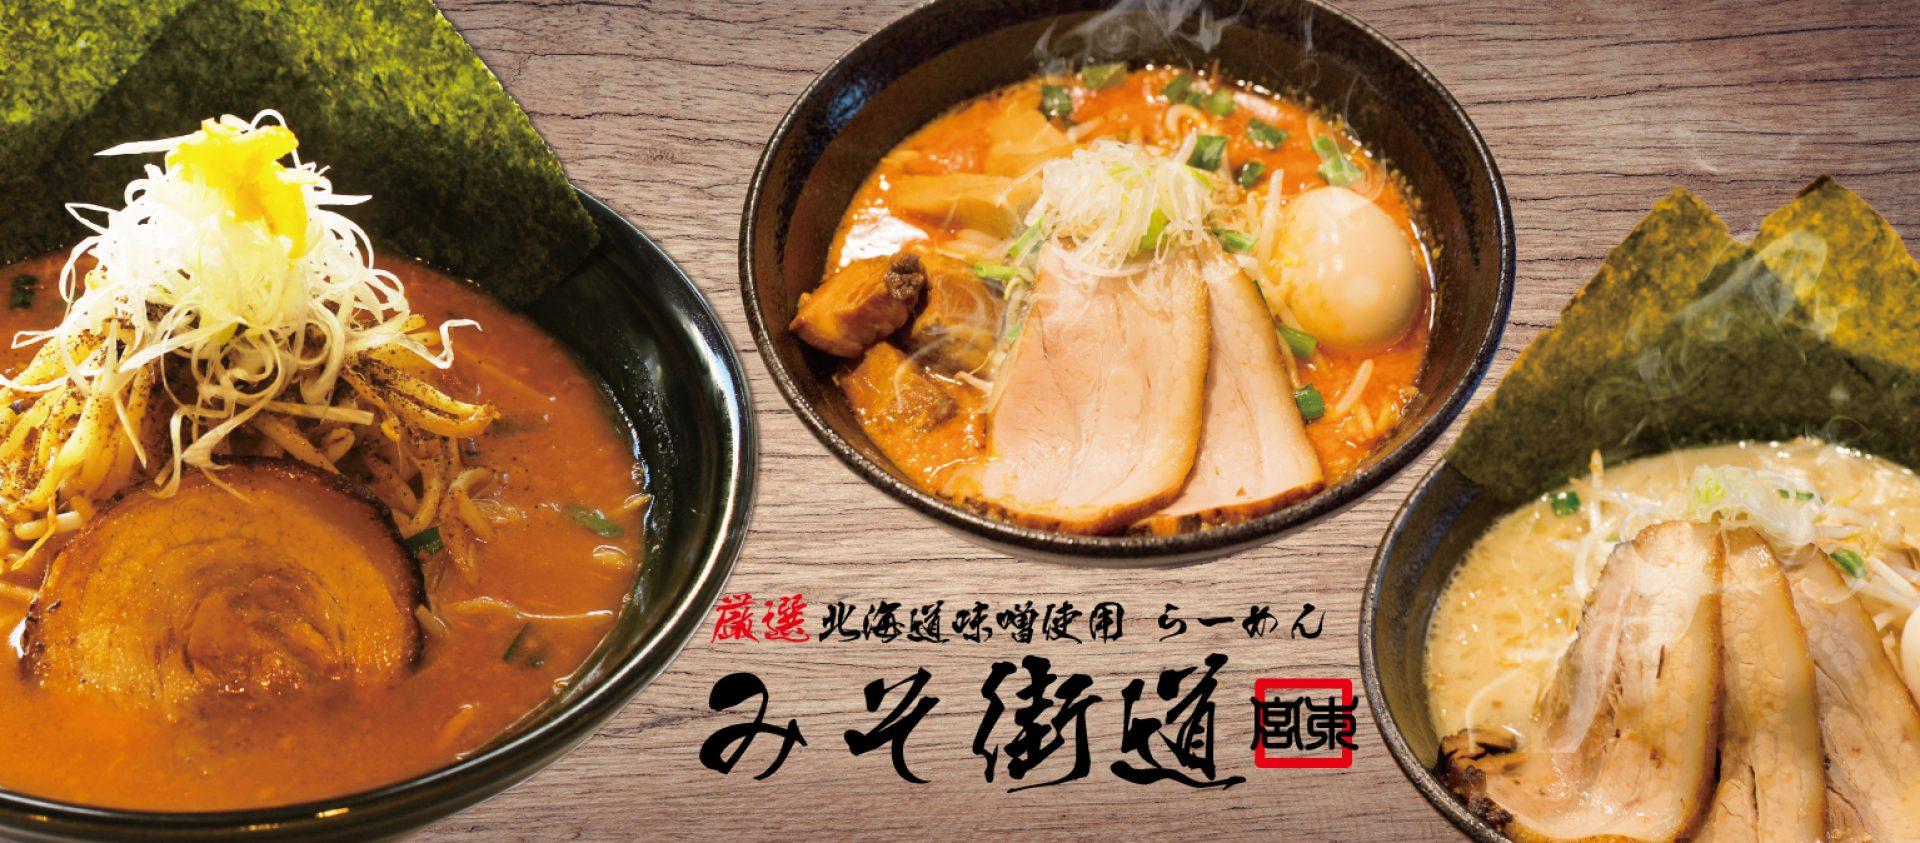 株式会社YMD JAPAN